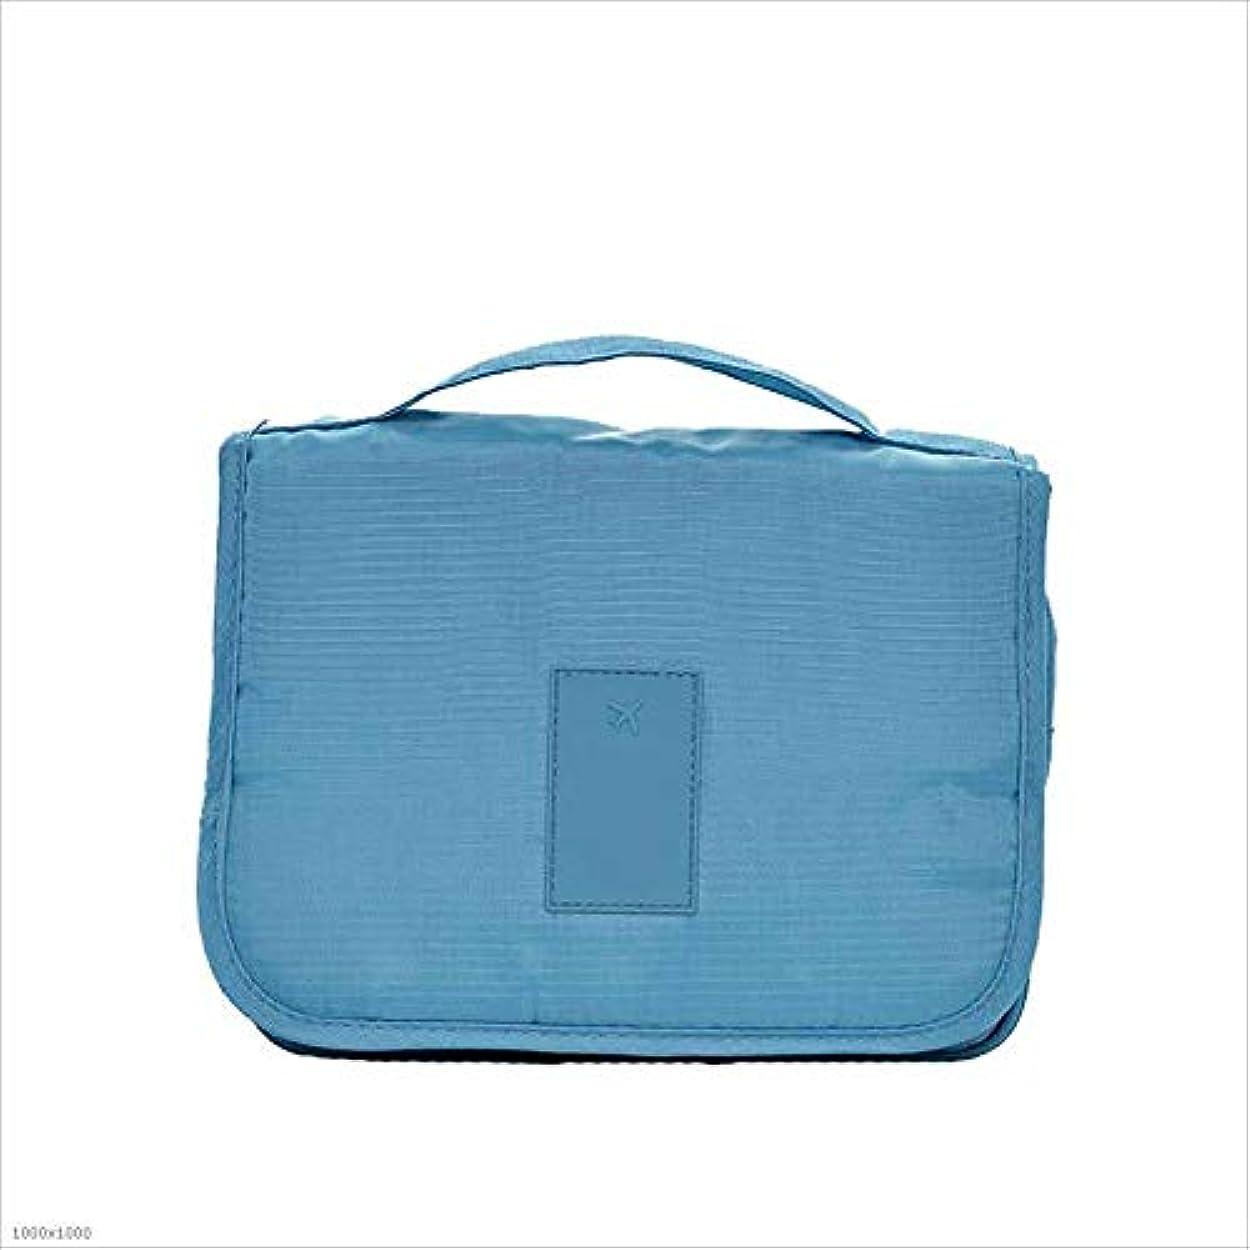 枕個人的な有名なウォッシュバッグ 防水ウォッシュバッグ化粧品袋のハンギングホリデートラベルトイレタリーバッグ多機能 トイレタリーバッグ (Color : Blue)